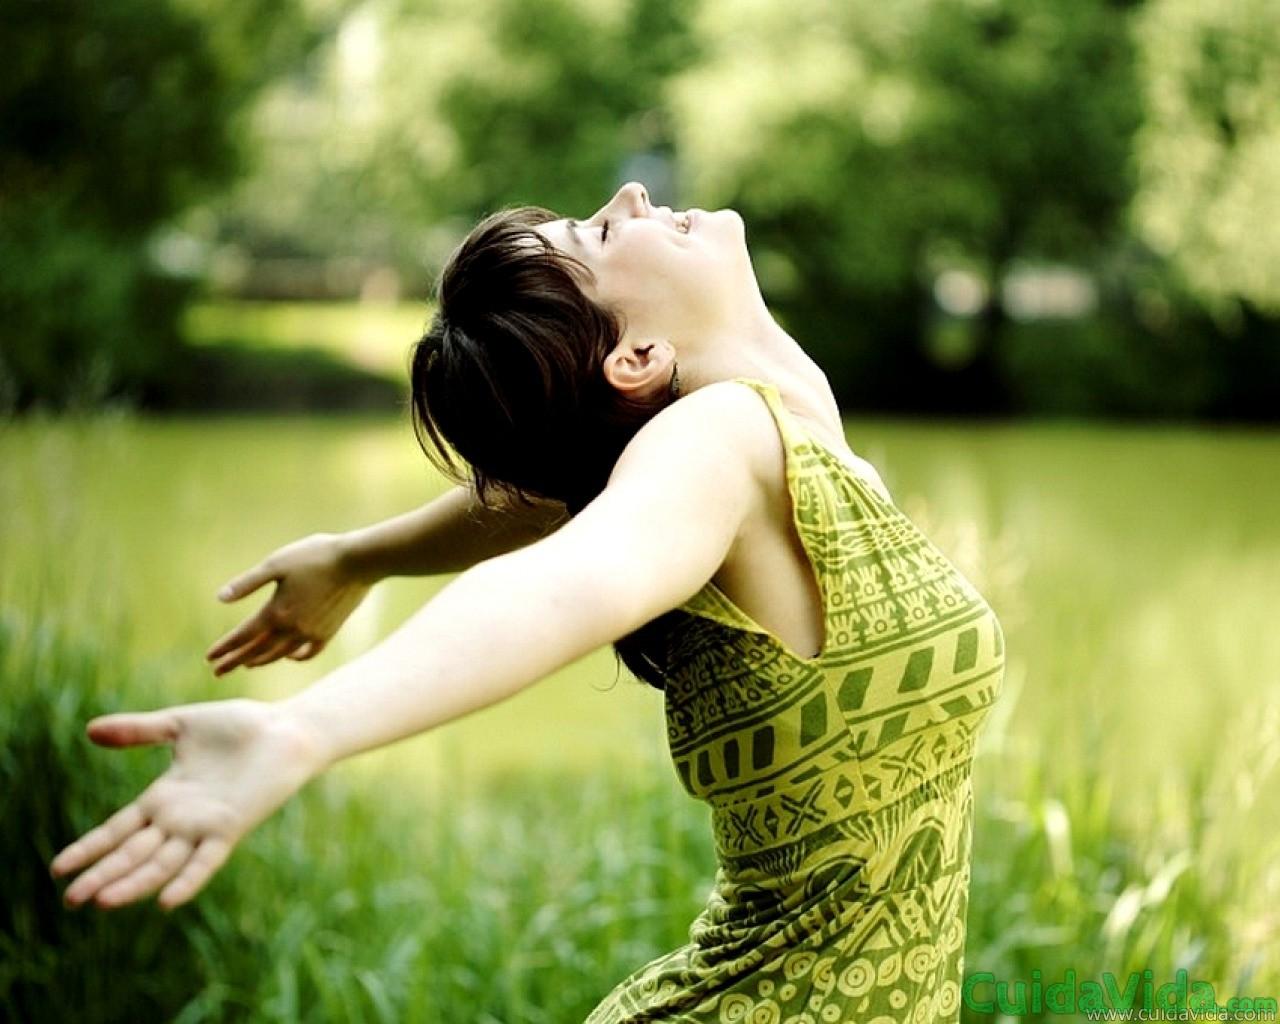 Cuidar nuestro cuerpo ayuda a sentirse bien